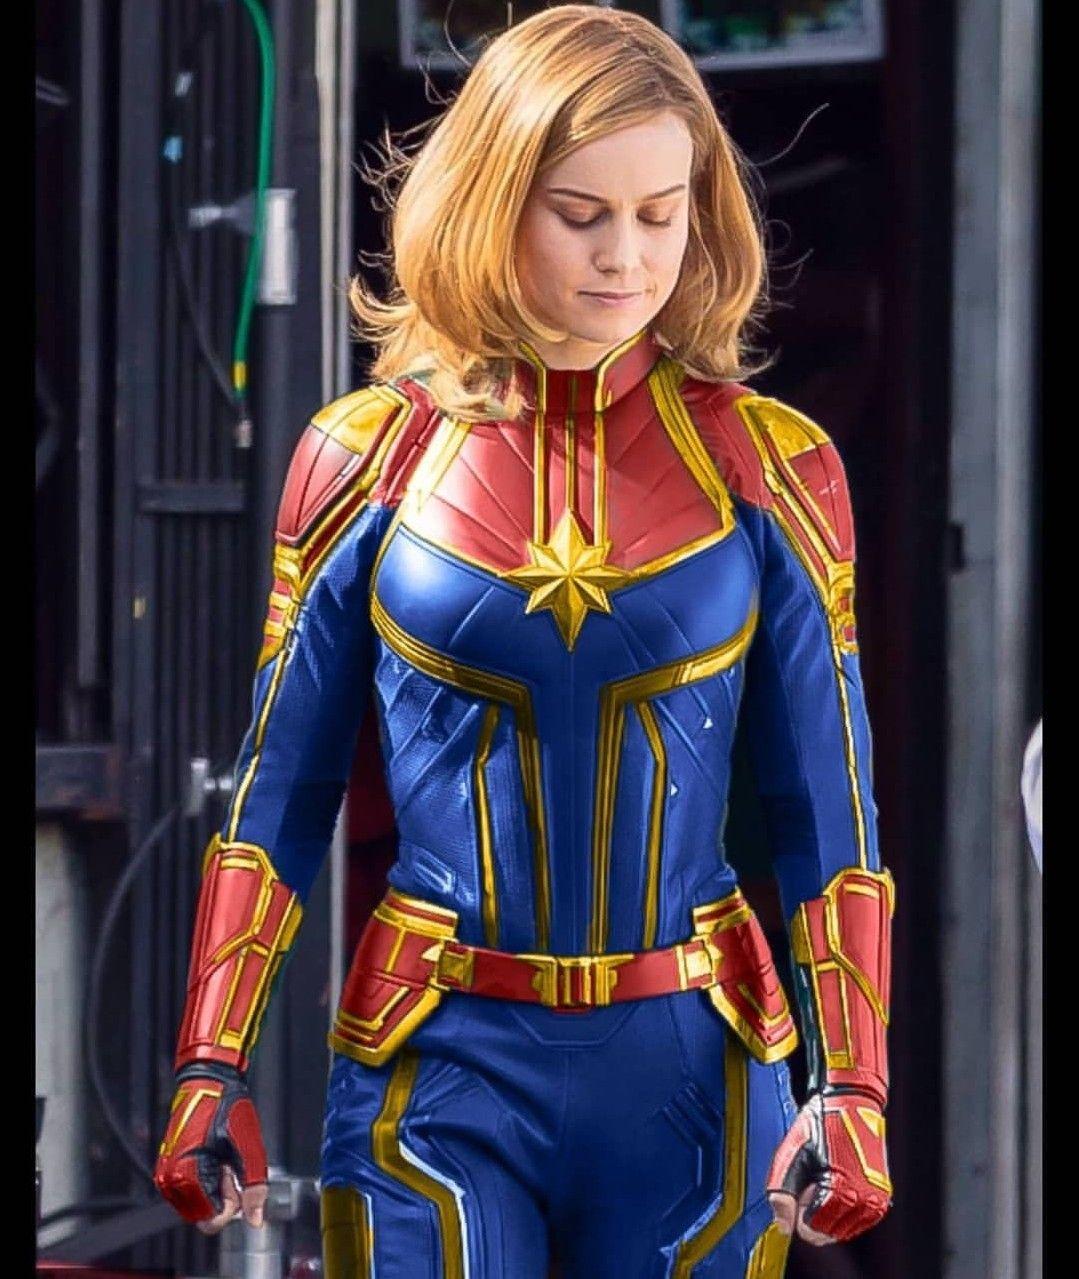 ❤️ A CGI representation of the original suit in full